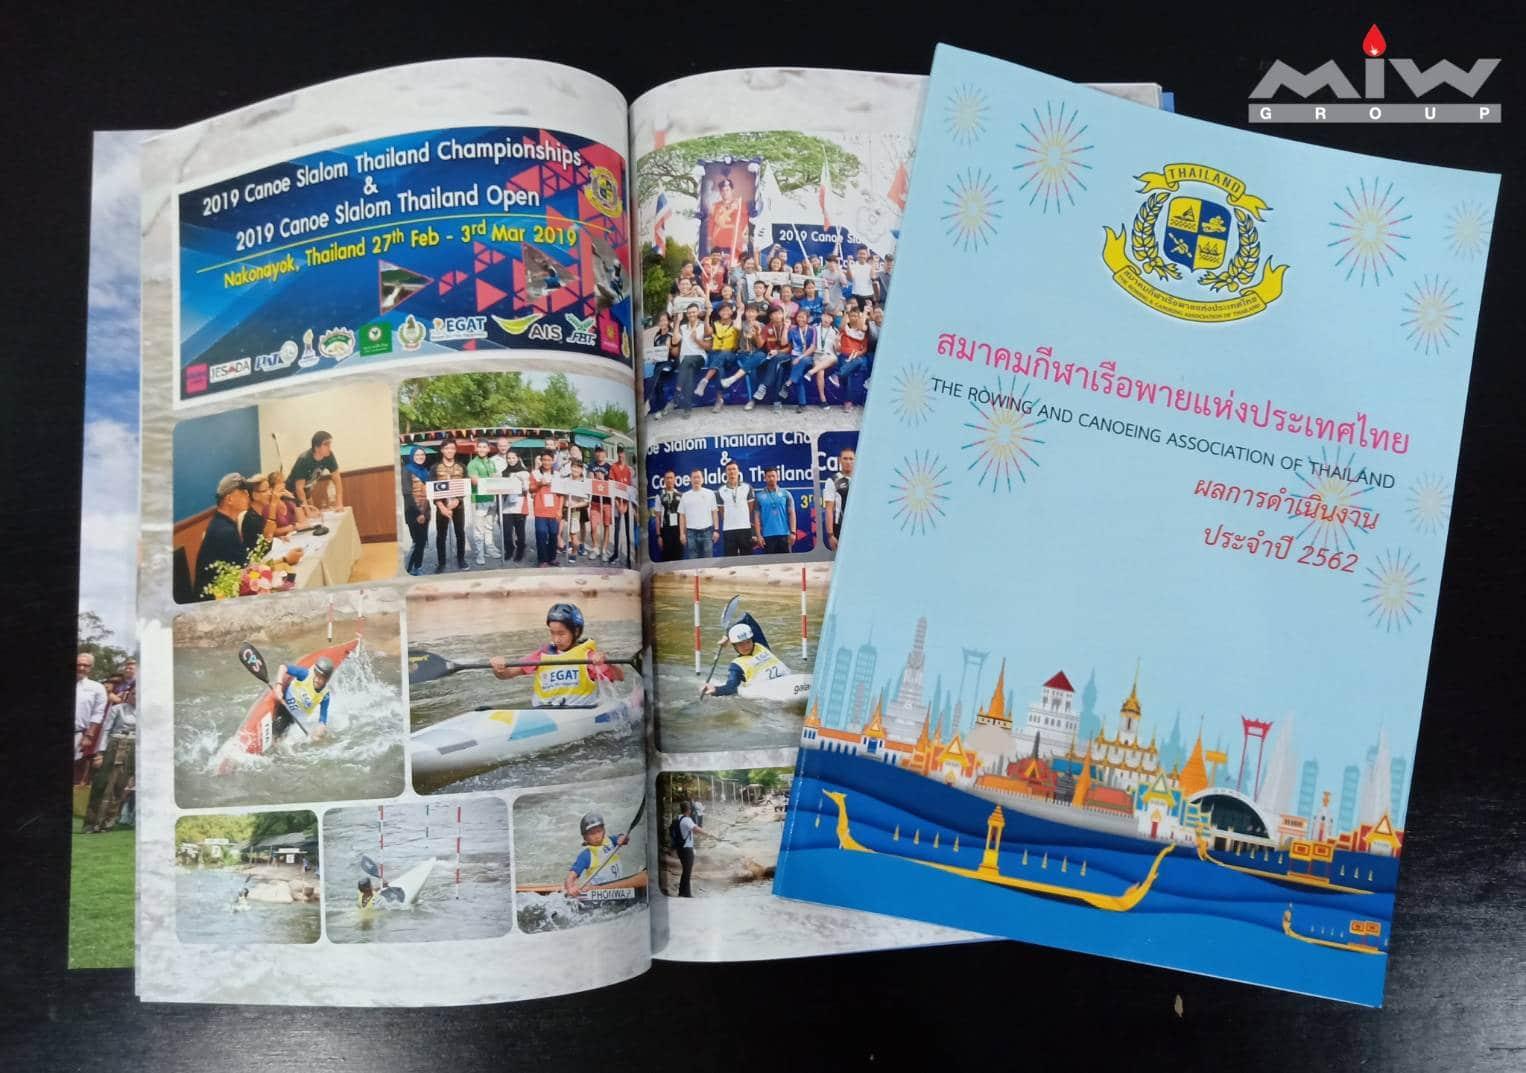 321497 - งานหนังสือสมาคมกีฬาเรือพายแห่งประเทศไทย ผลการดำเนินงานประจำปี 2562